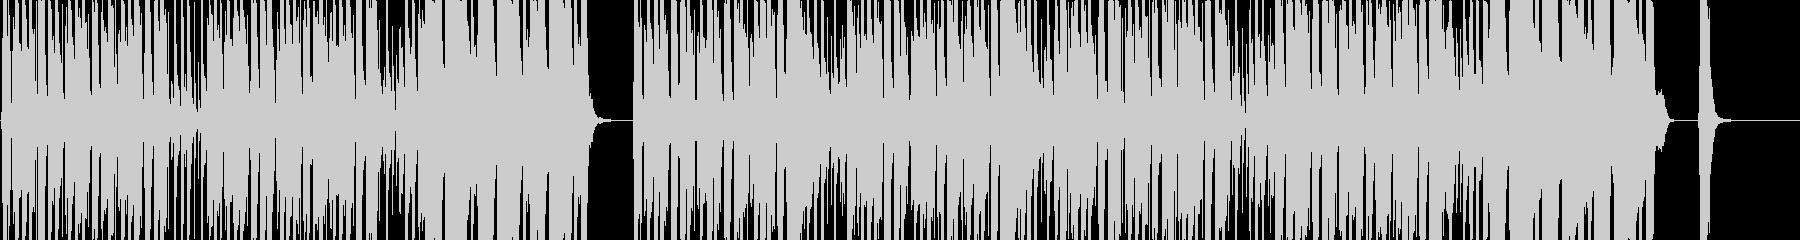 コミカルなシーンやいたずらシーンの未再生の波形